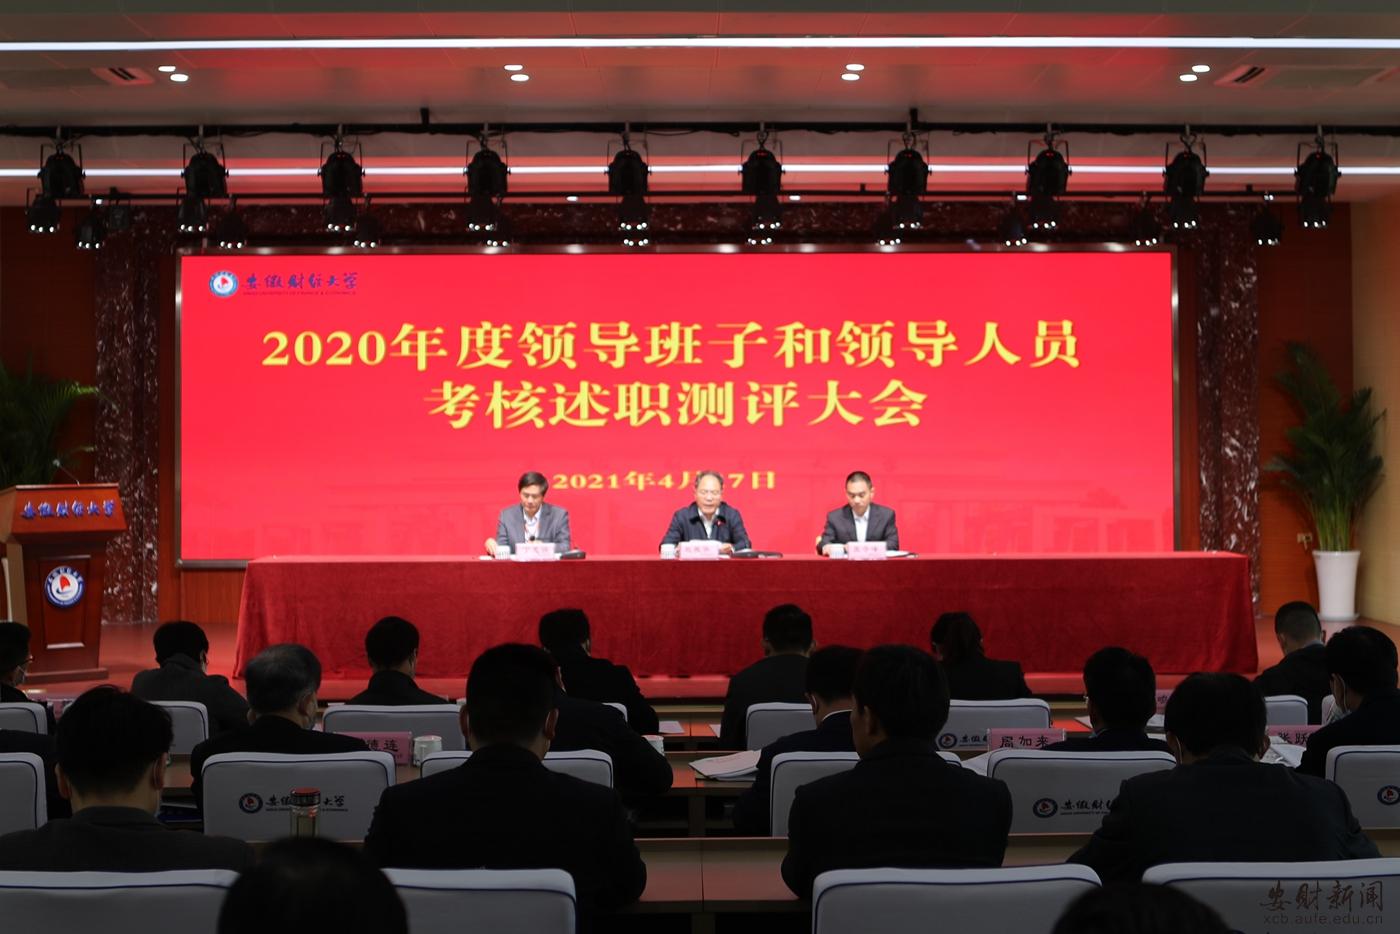 省委综合考核组对学校领导班子和领导干部进行2020年度综合考核